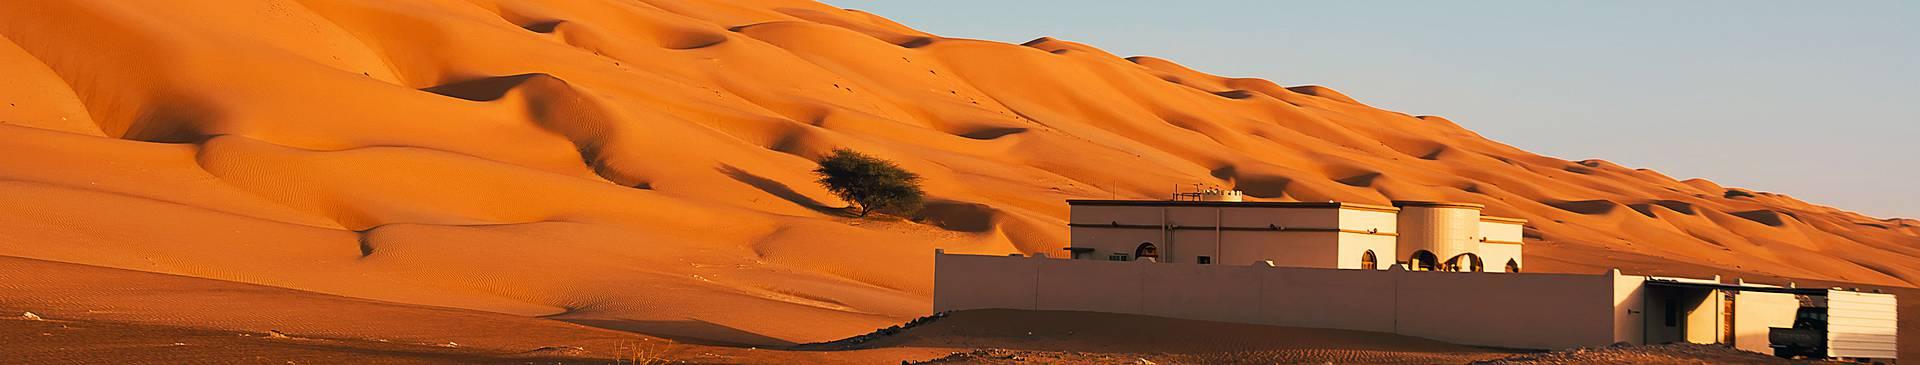 Viajes al desierto de Omán